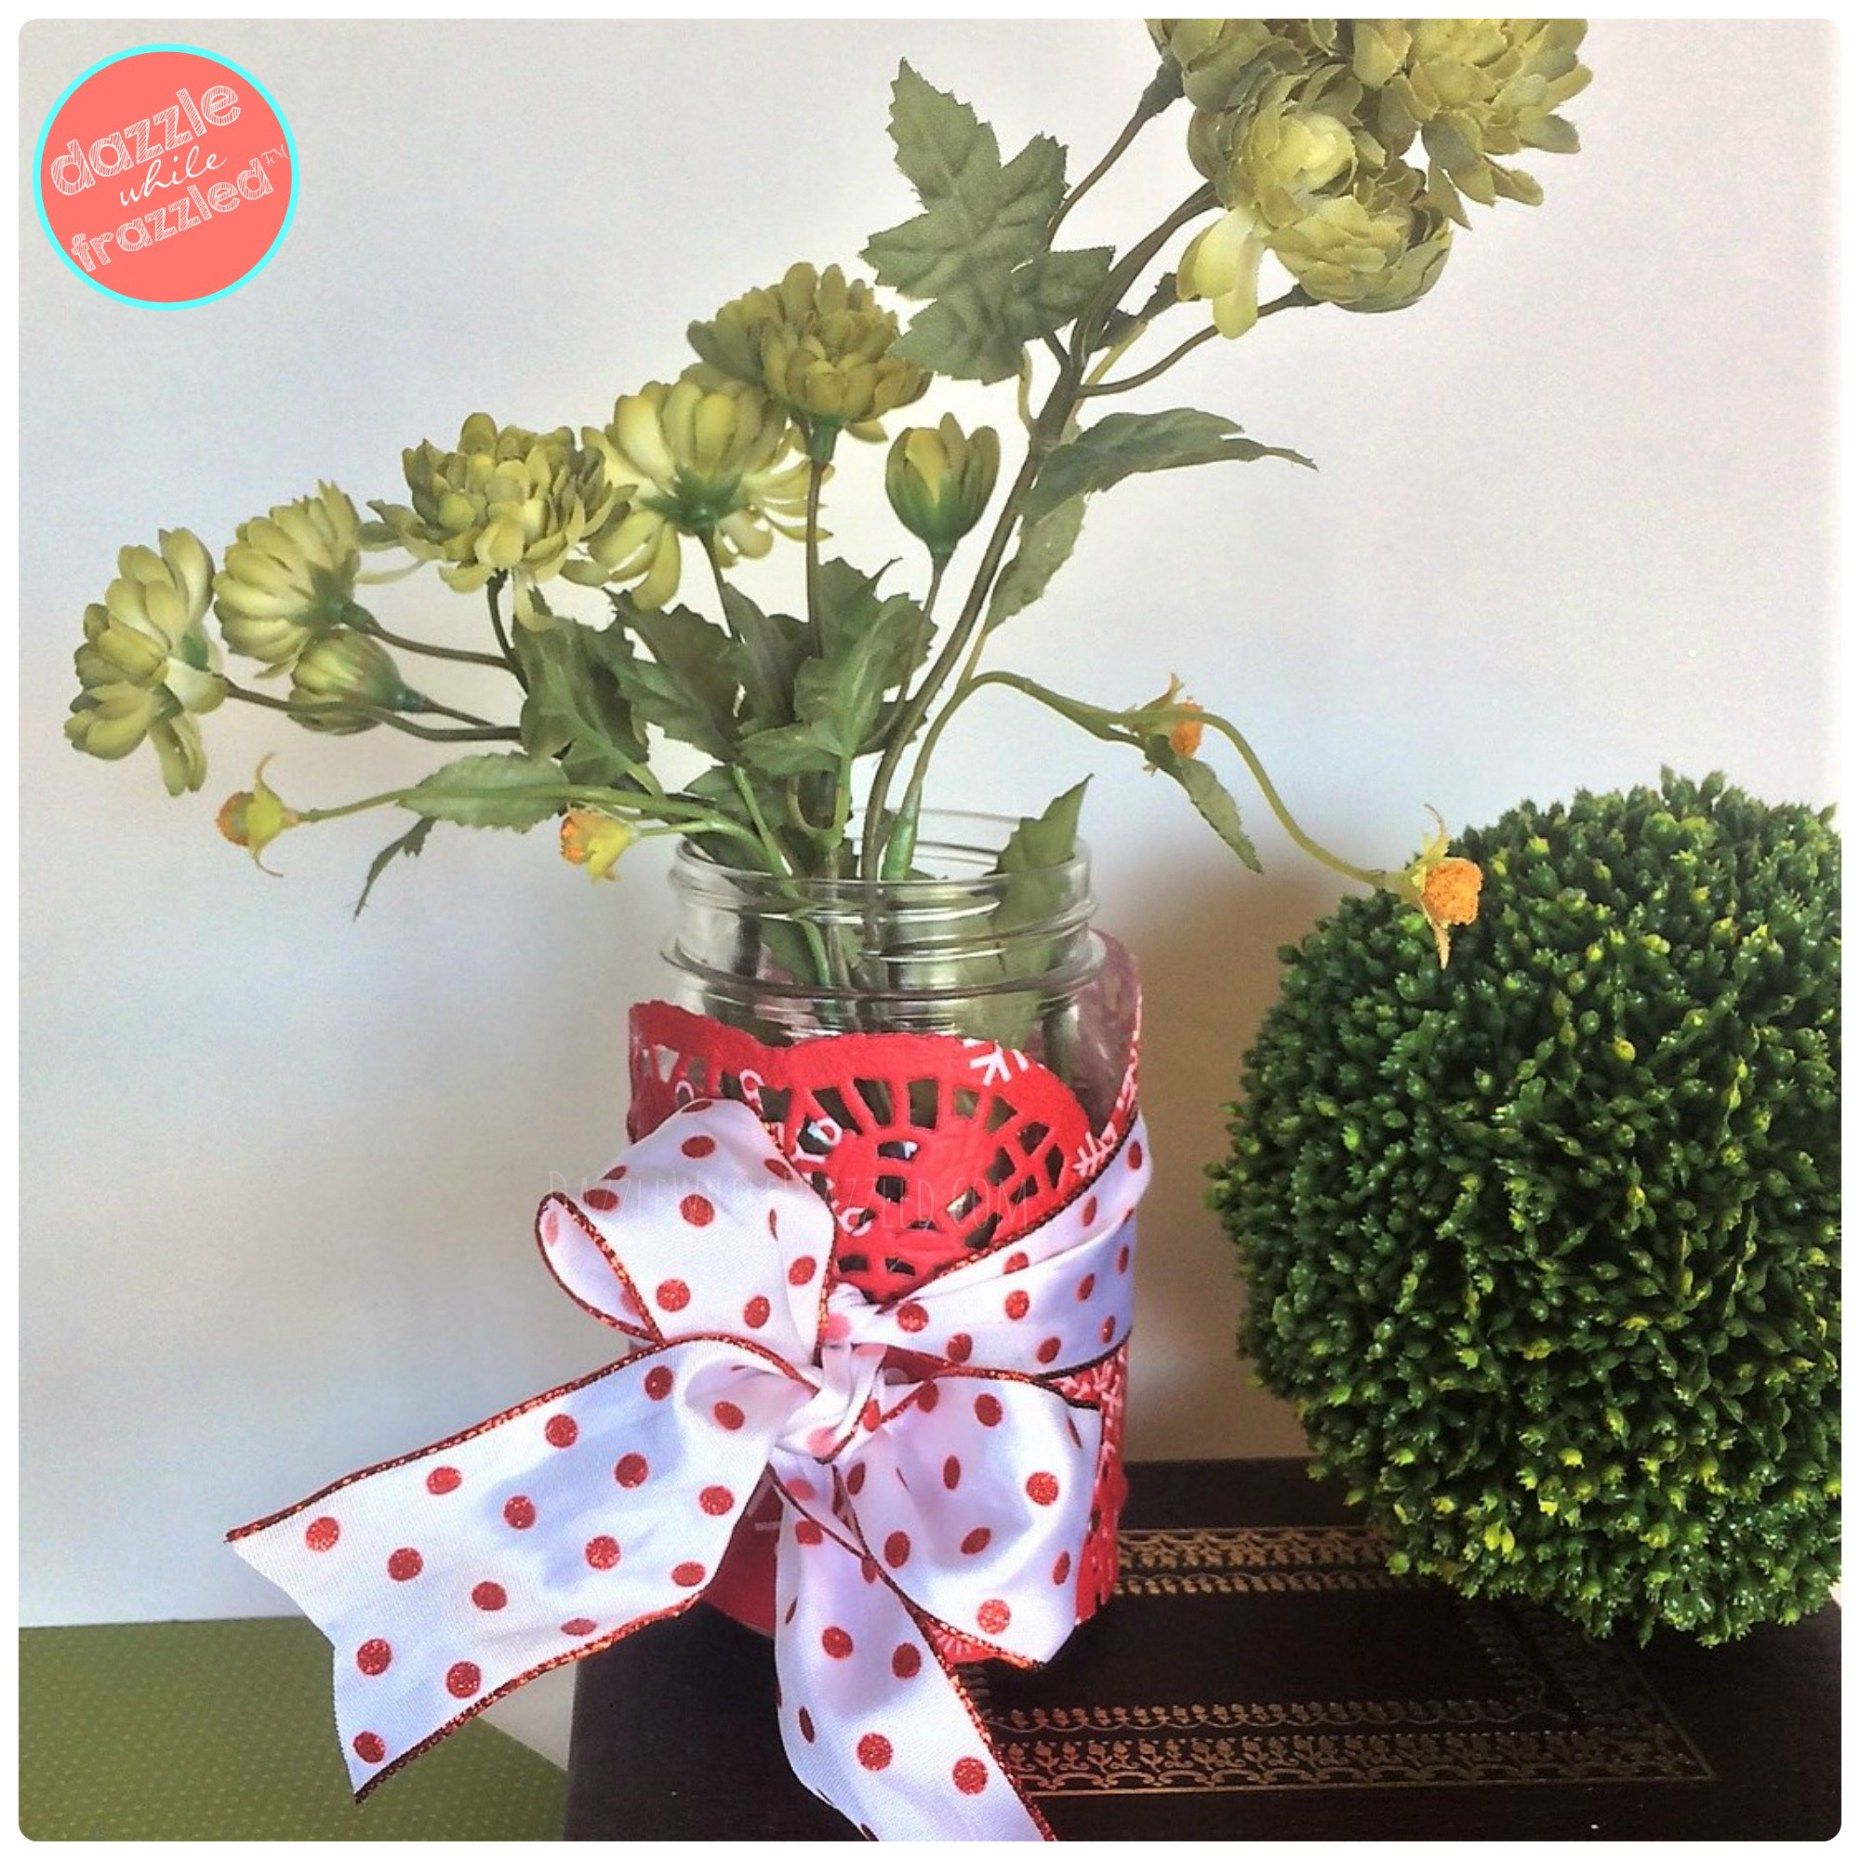 Cheap dollar store paper doily flower vases for easy decorating cheap dollar store paper doily flower vases for easy decorating izmirmasajfo